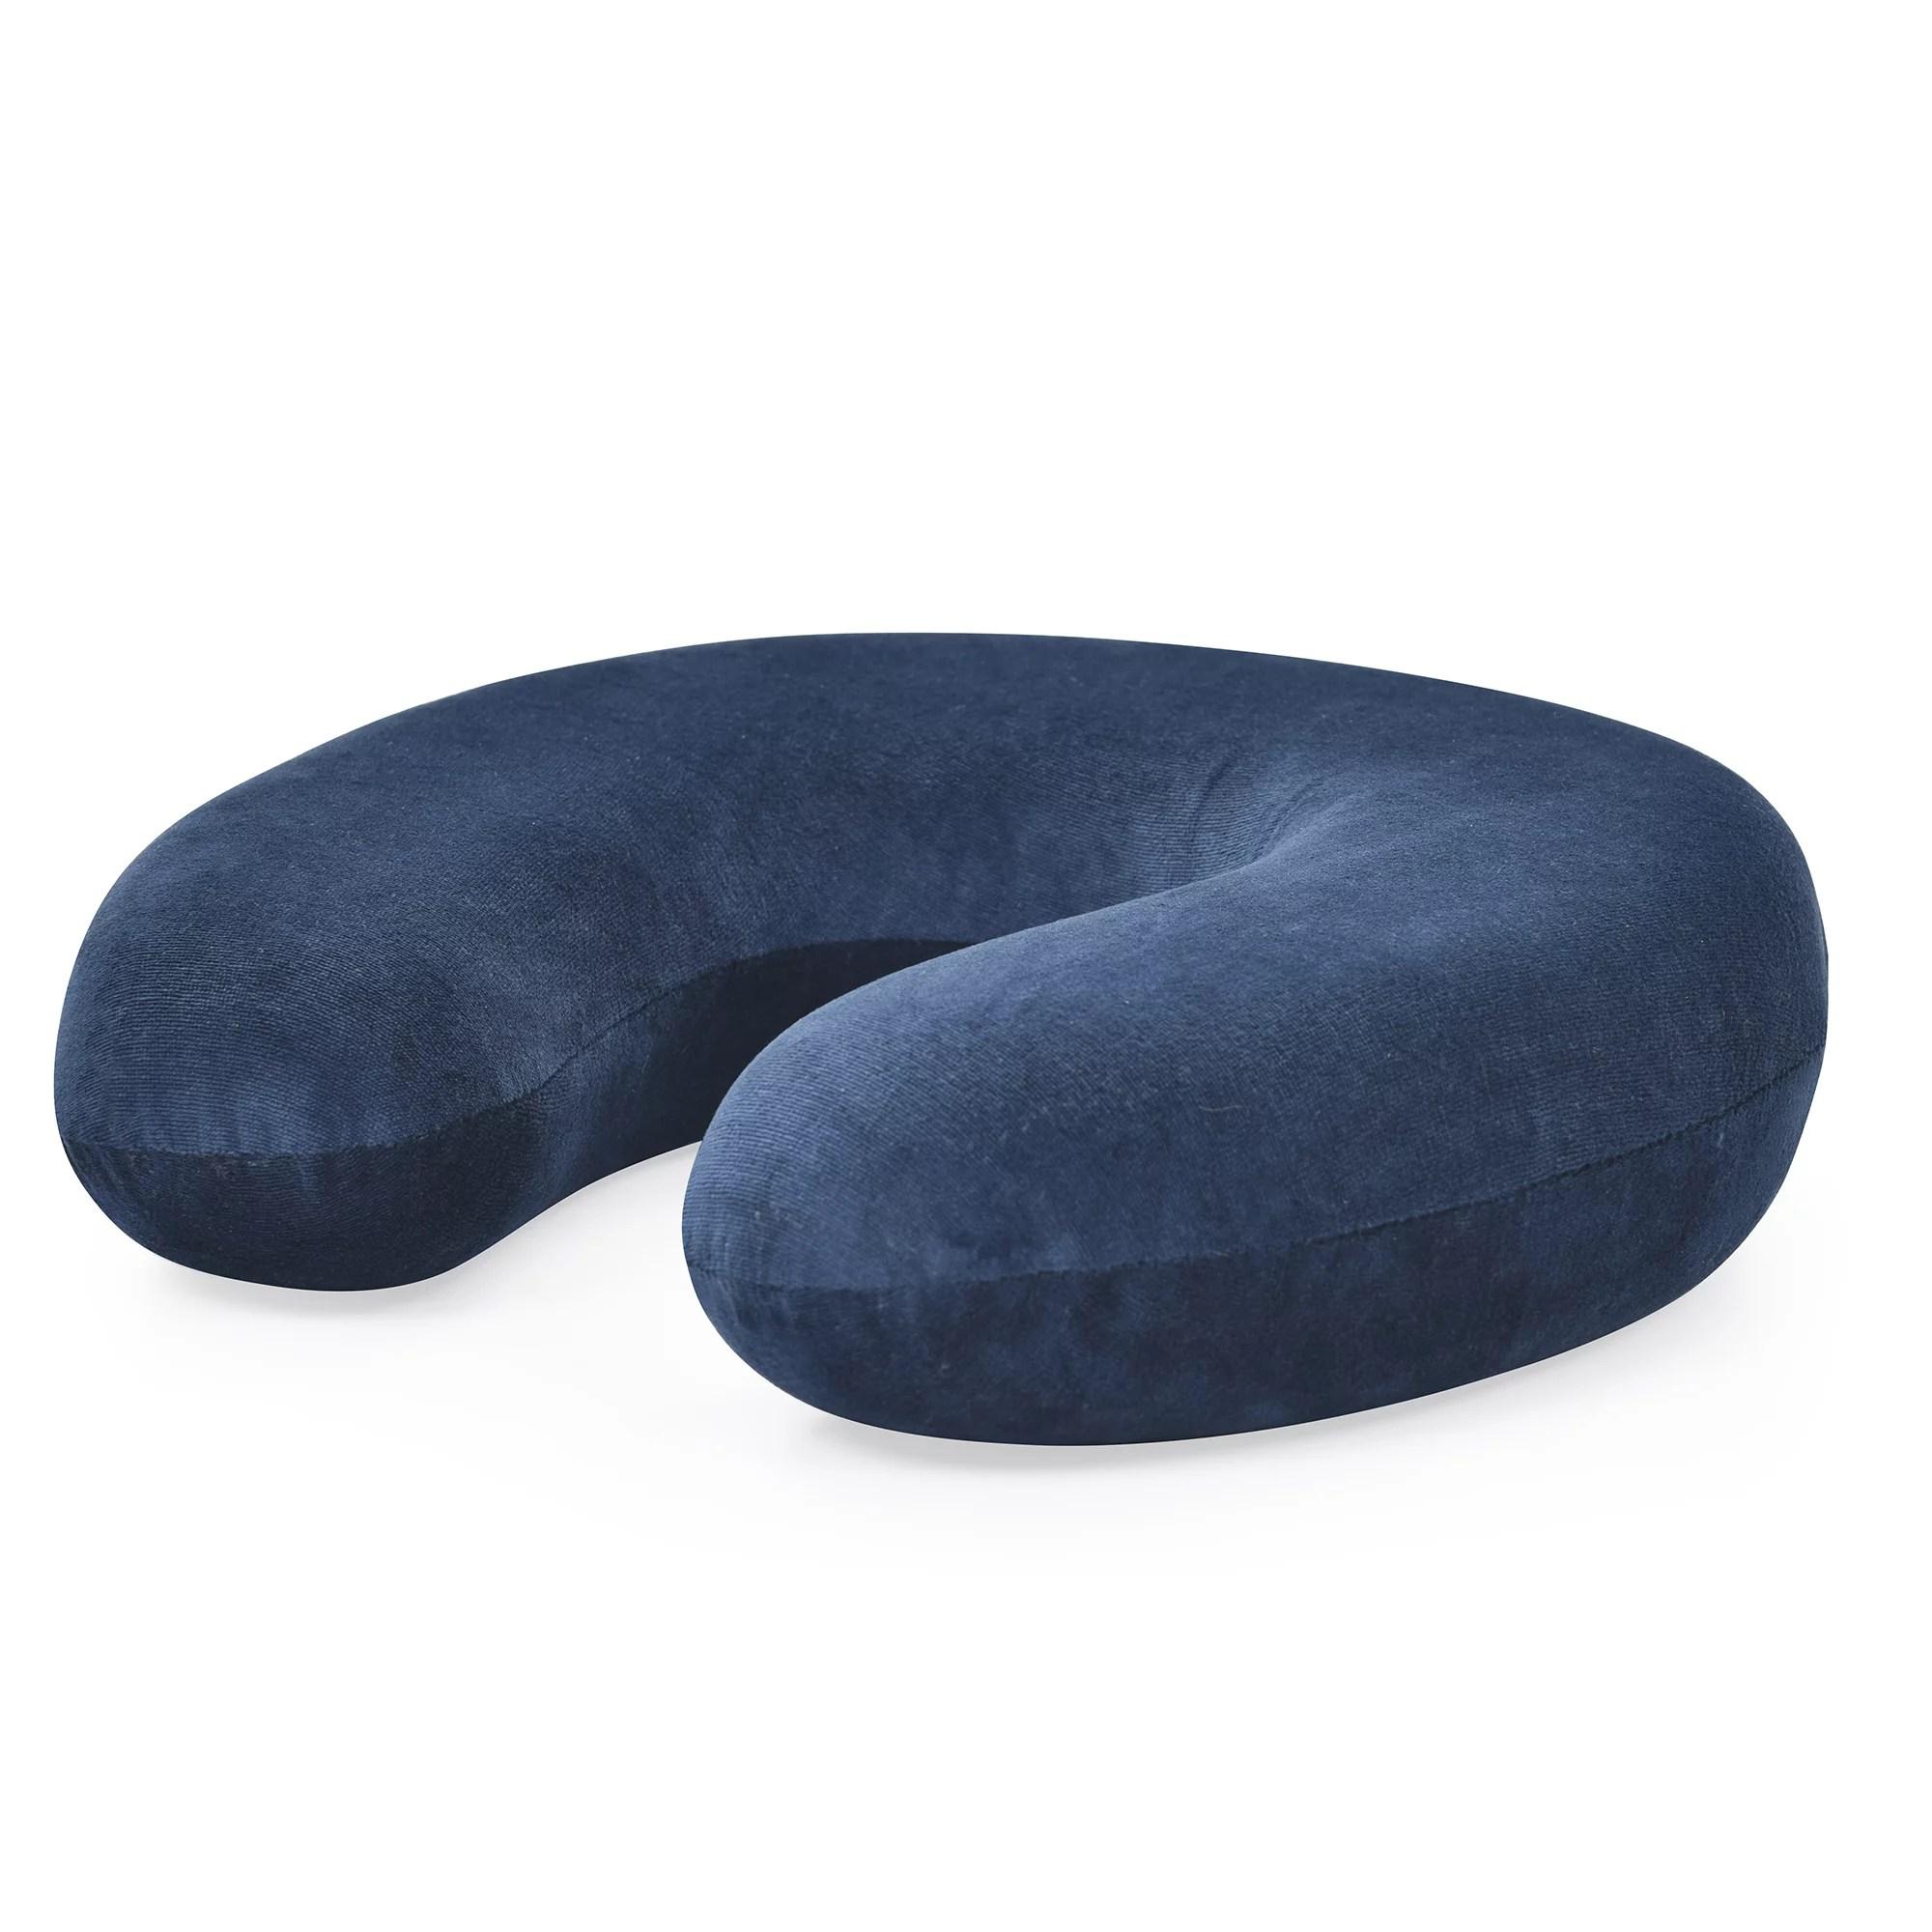 modern sleep u shape memory foam travel pillow neck pillow